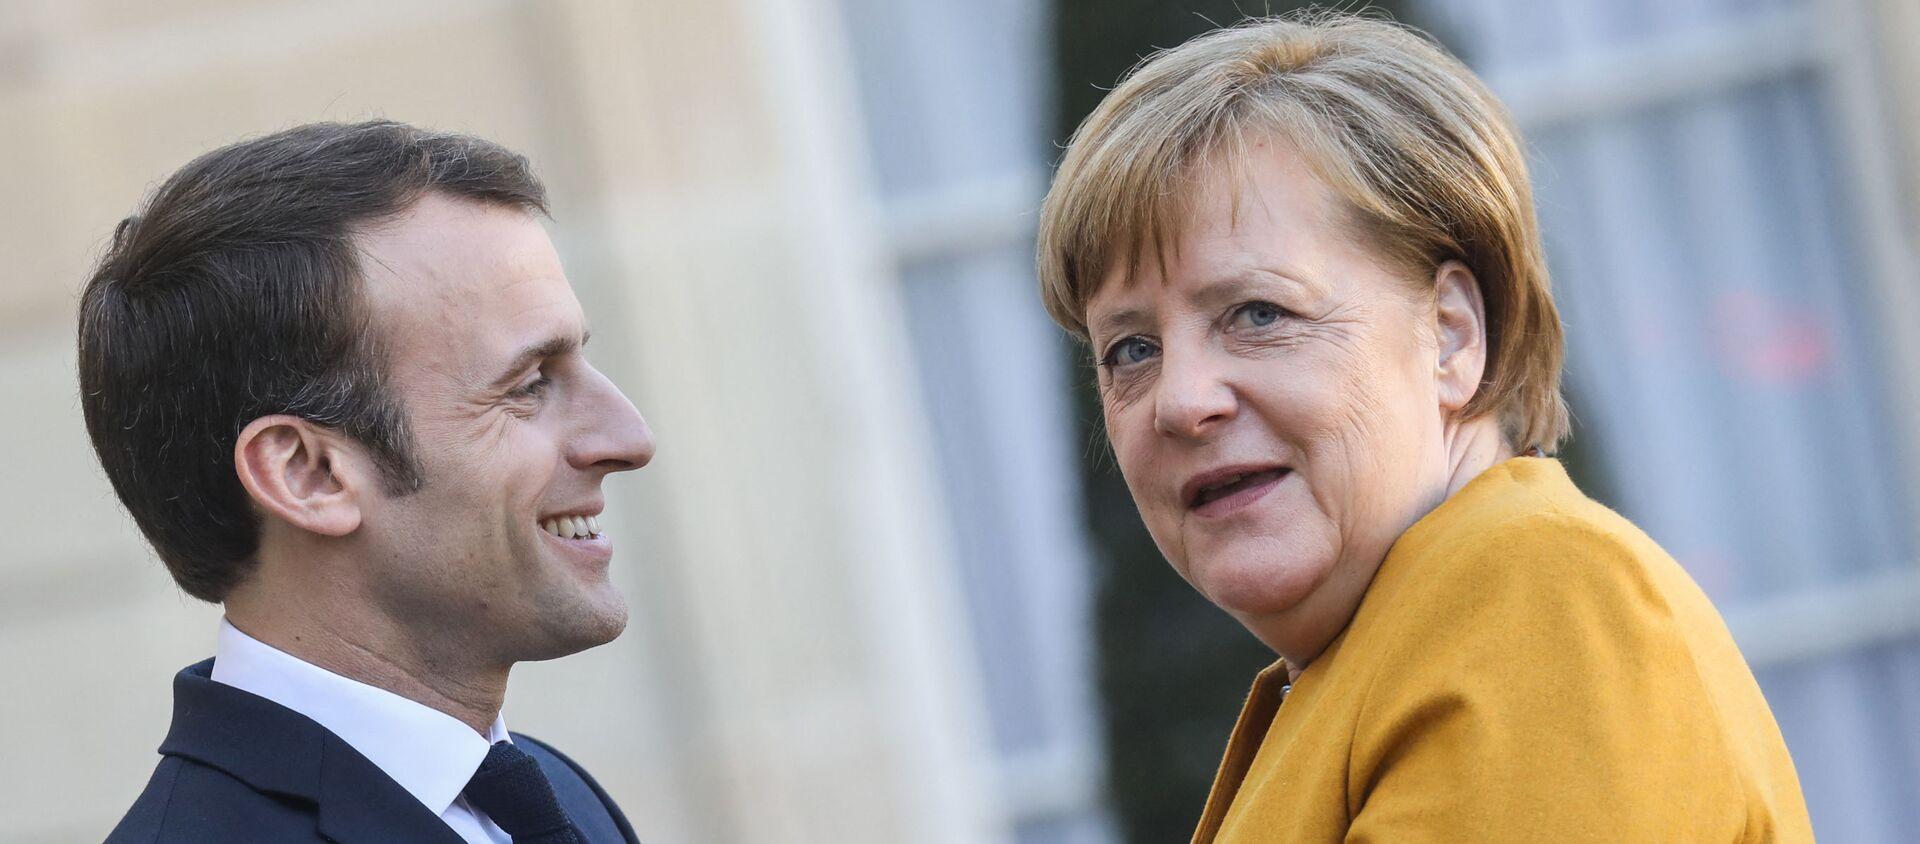 Emmanuel Macron accueille Angela Merkel à l'֤Élysée, 27 février 2019 - Sputnik France, 1920, 05.06.2021